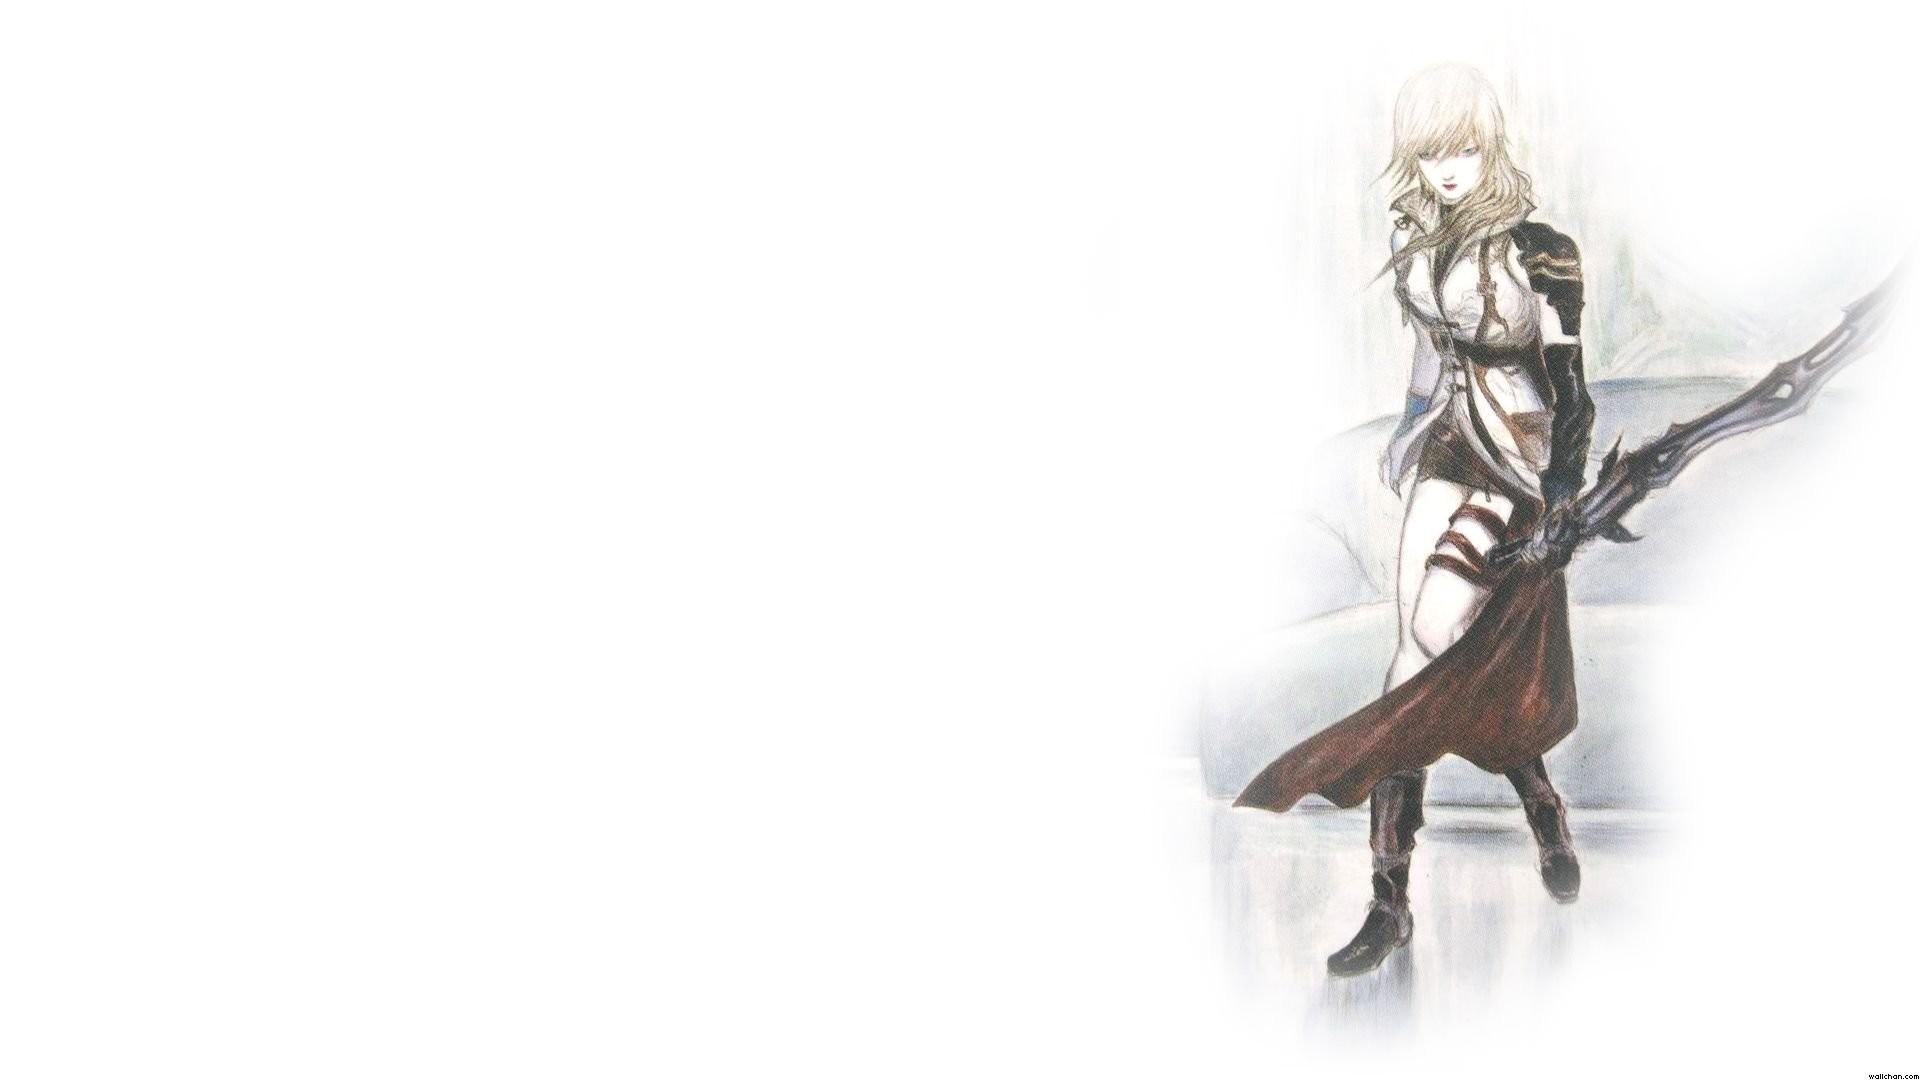 Res: 1920x1080, yoshitaka amano final fantasy xiii